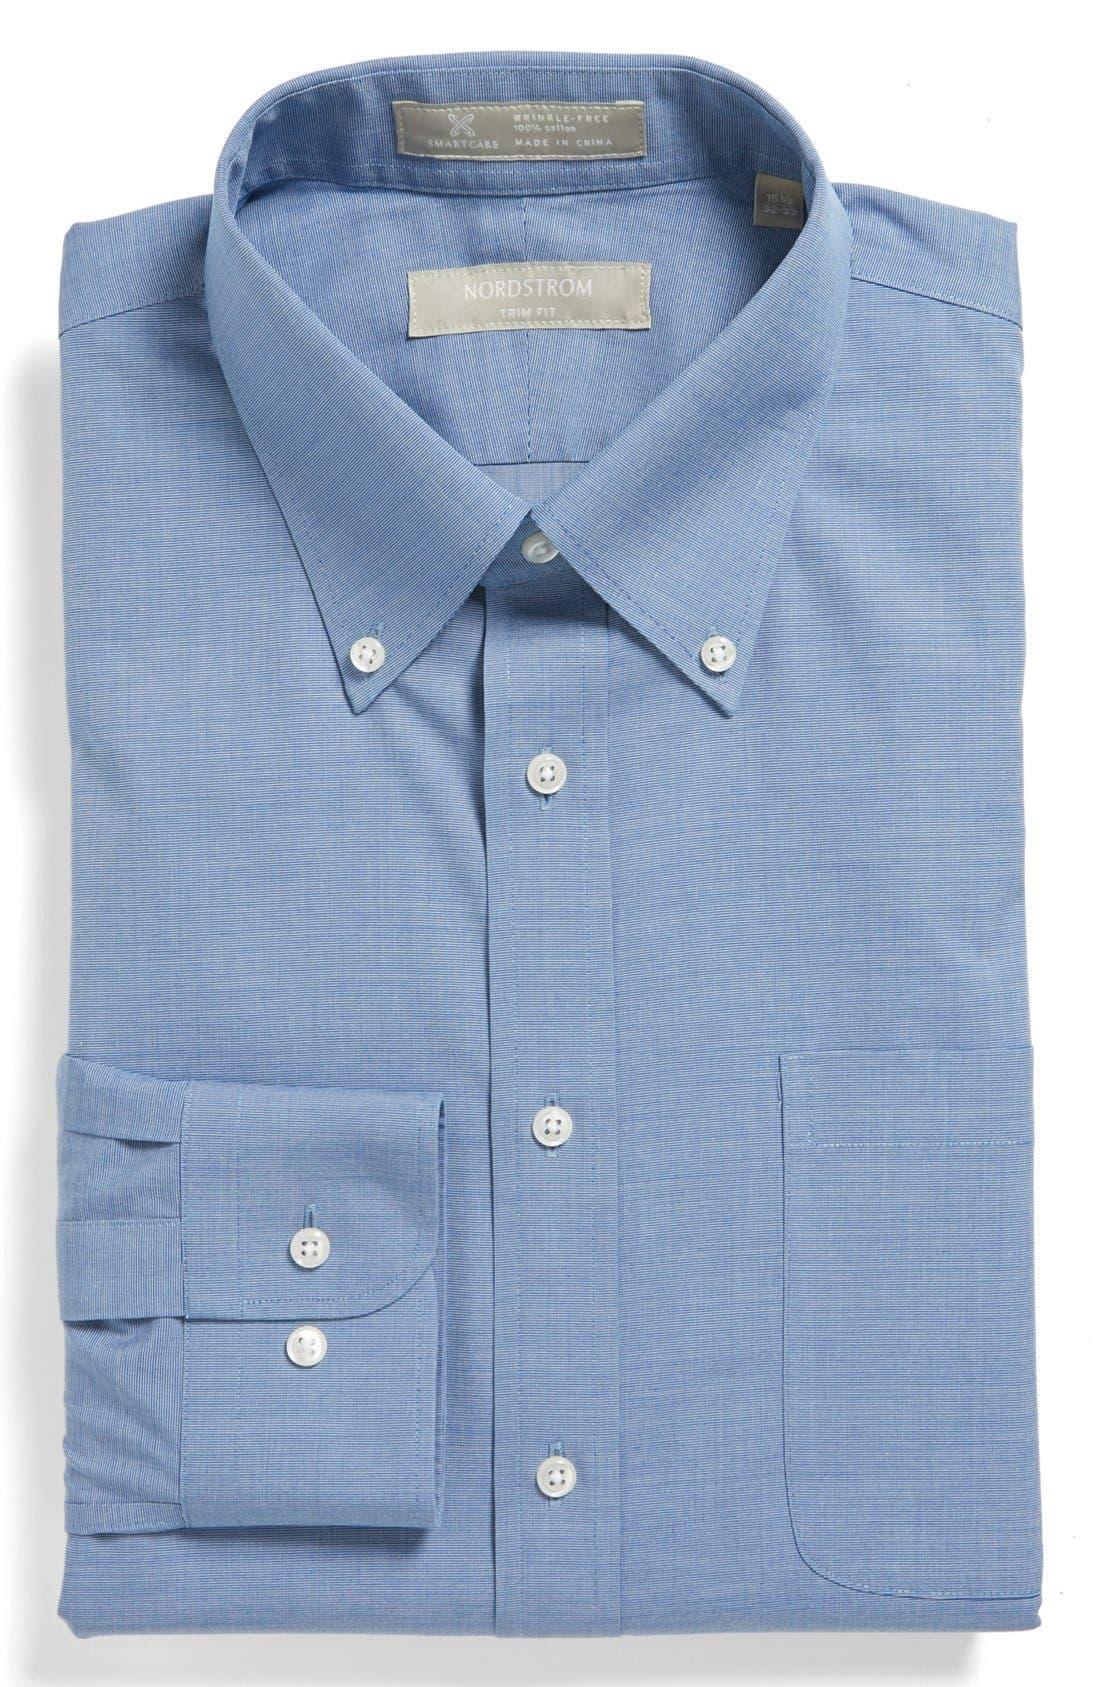 Alternate Image 1 Selected - Nordstrom Smartcare™ Wrinkle Free Trim Fit Dress Shirt